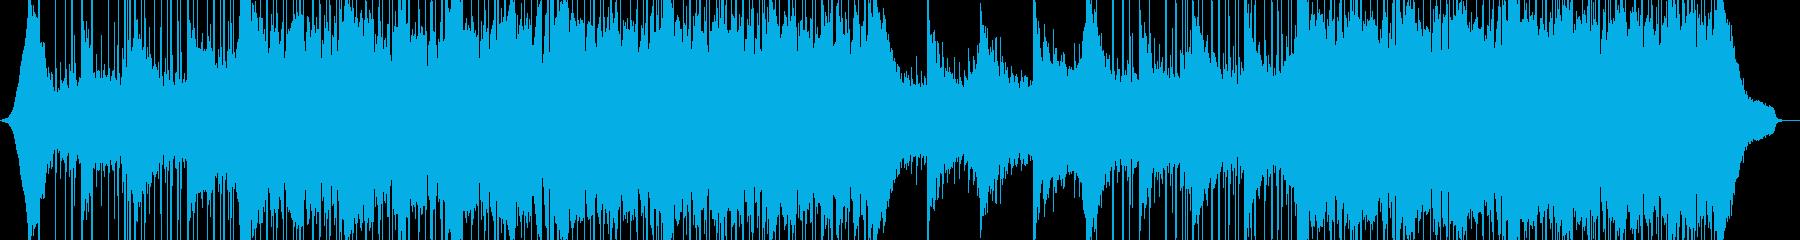 心に強く訴える電子音楽の再生済みの波形